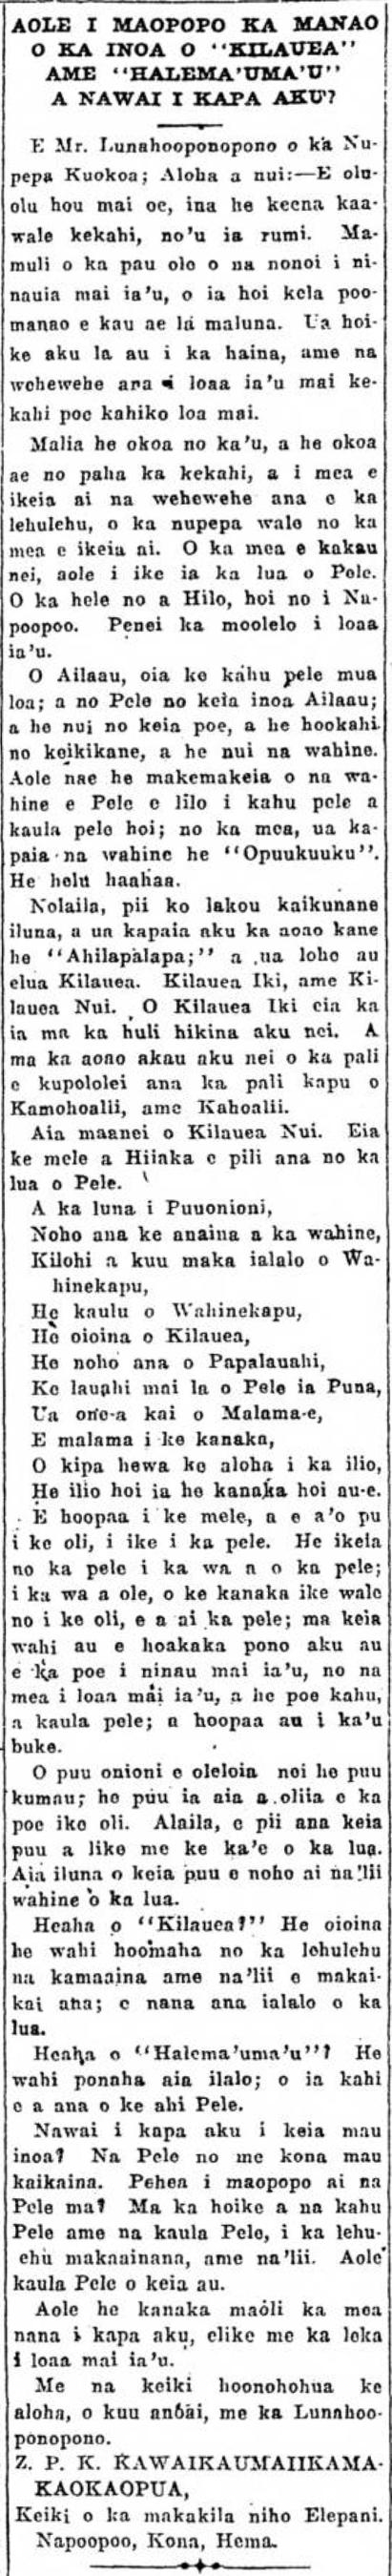 Kuokoa_11_1_1923_4.png